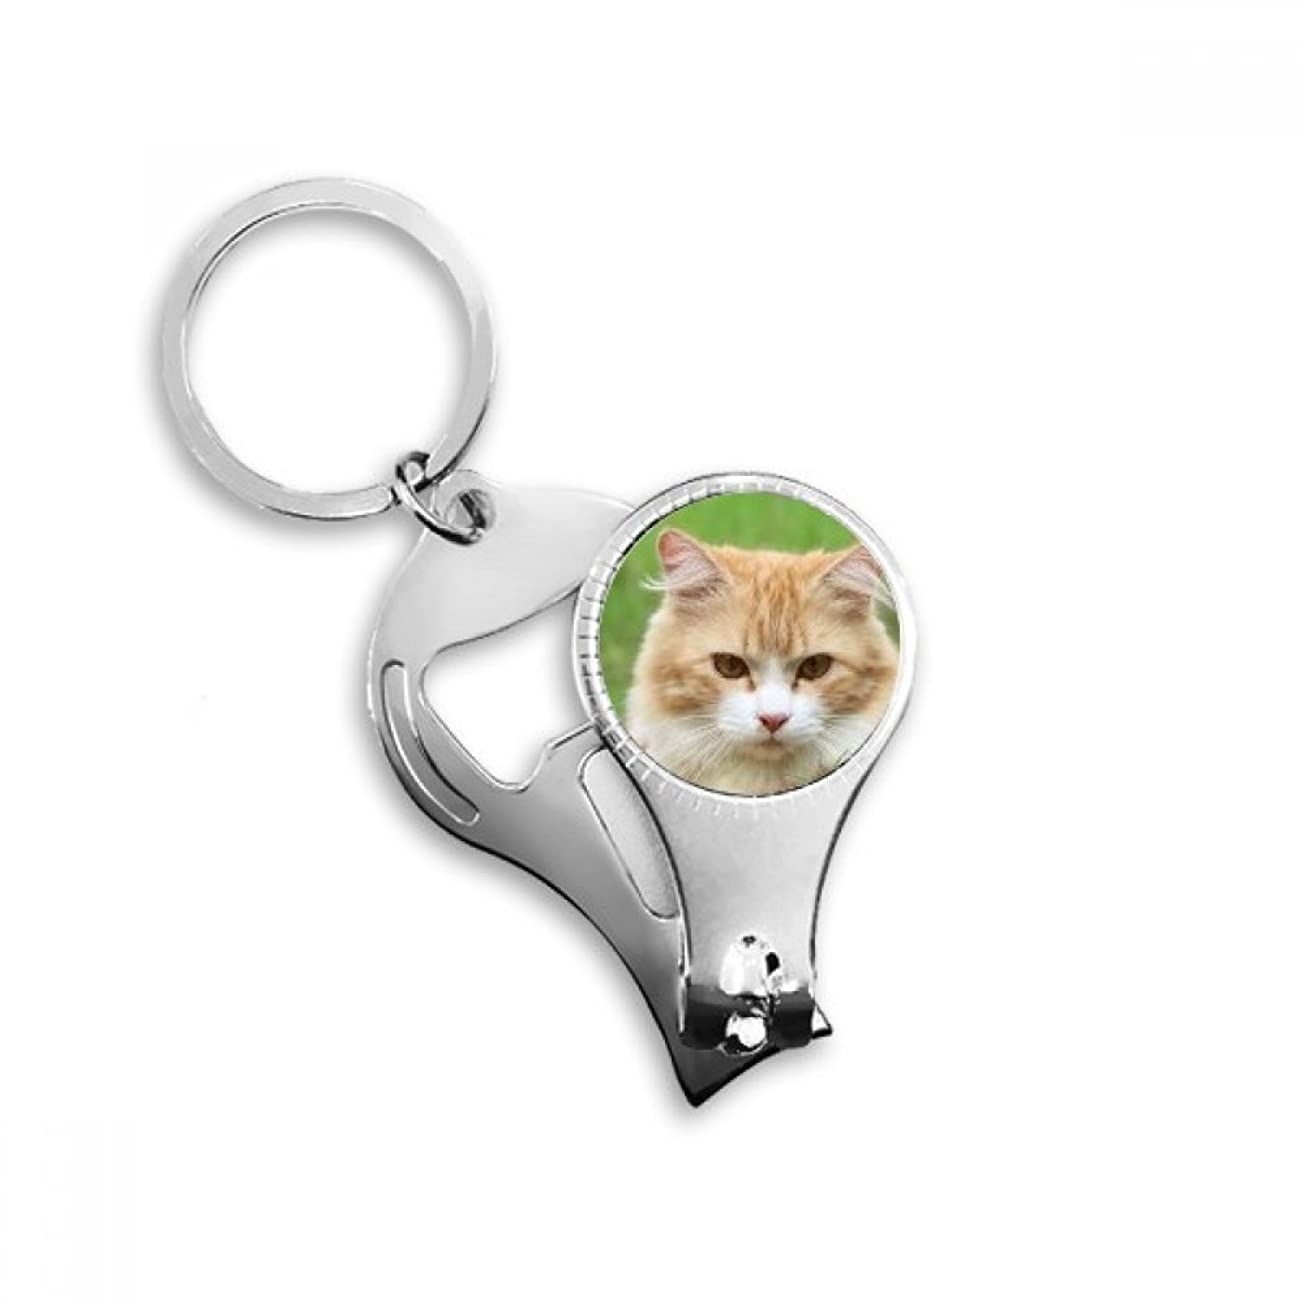 有名差別的ヶ月目PINGFUFF HOME イエローストライプ猫凝視ペット動物メタルキーホルダーリング多機能ネイルクリッパー栓抜き車のキーホルダー最高のチャームギフト